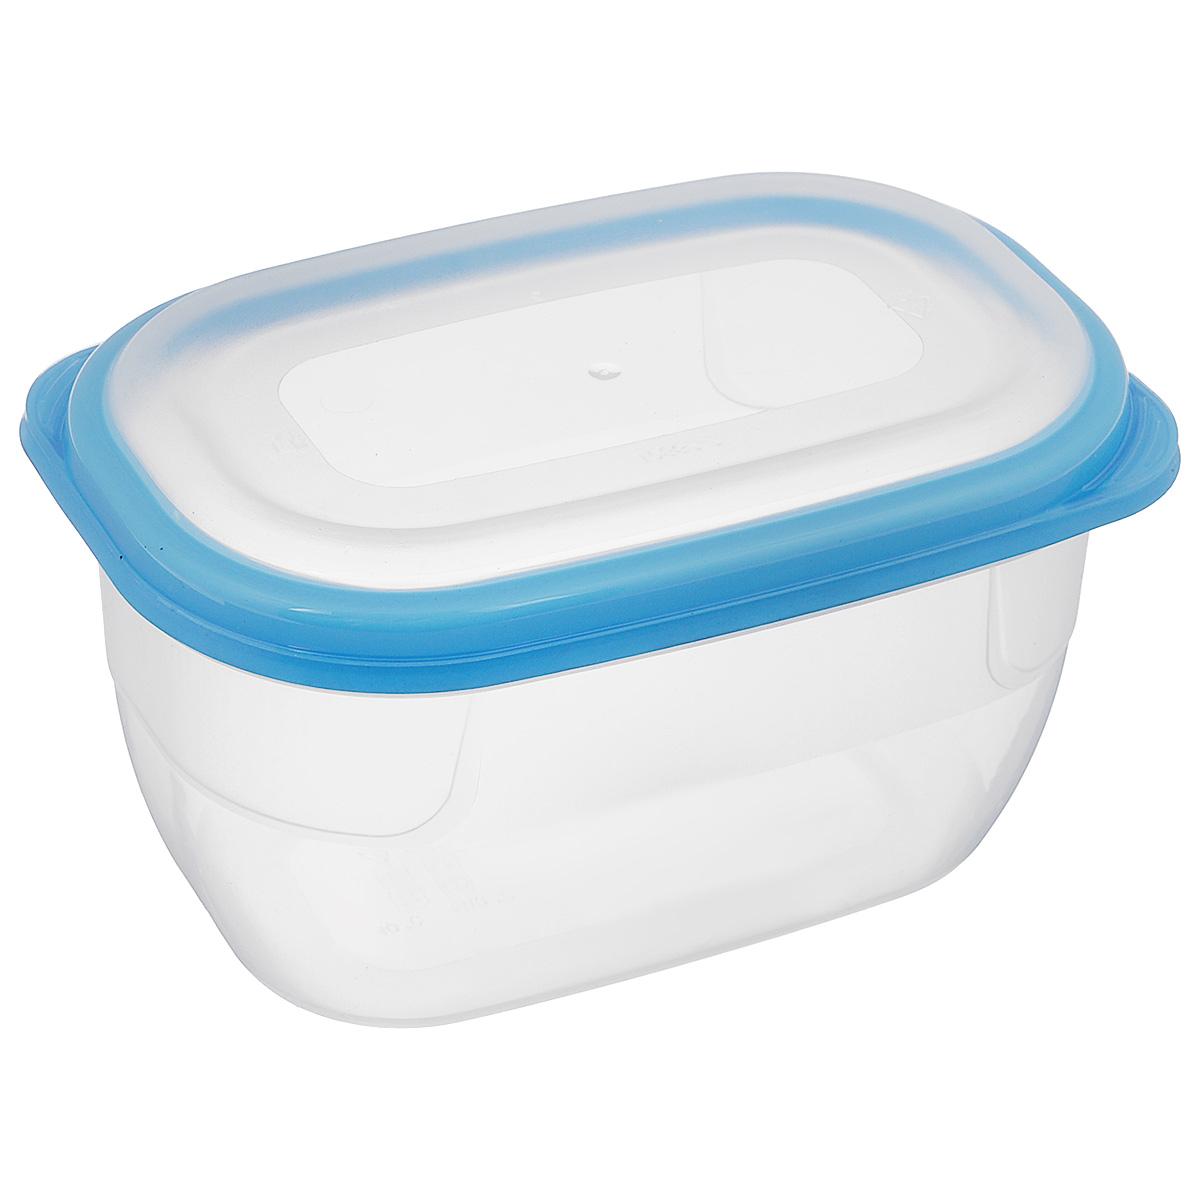 Контейнер для СВЧ Полимербыт Премиум, цвет: прозрачный, голубой, 750 млFA-5125 WhiteКонтейнер Полимербыт Премиум прямоугольной формы, изготовленный из прочного пластика, предназначен специально для хранения пищевых продуктов. Крышка легко открывается и плотно закрывается.Контейнер устойчив к воздействию масел и жиров, легко моется. Прозрачные стенки позволяют видеть содержимое. Контейнер имеет возможность хранения продуктов глубокой заморозки, обладает высокой прочностью. Можно мыть в посудомоечной машине.Контейнер подходит для использования в микроволновой печи без крышки, а также для заморозки в морозильной камере.